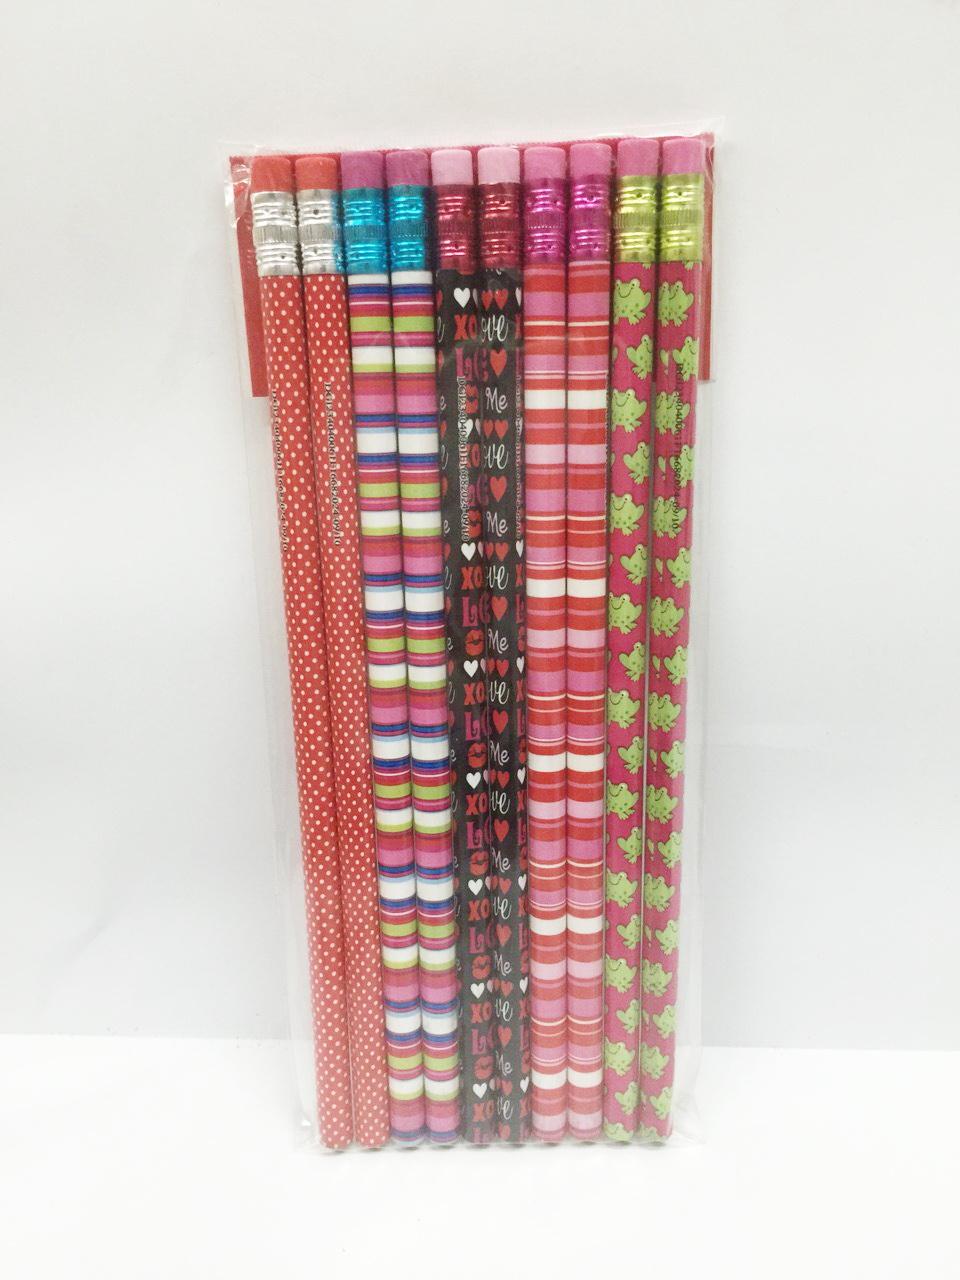 ดินสอไม้แฟนซี เกรดดี (ขายส่ง 12 แพ็ค=120 แท่ง)